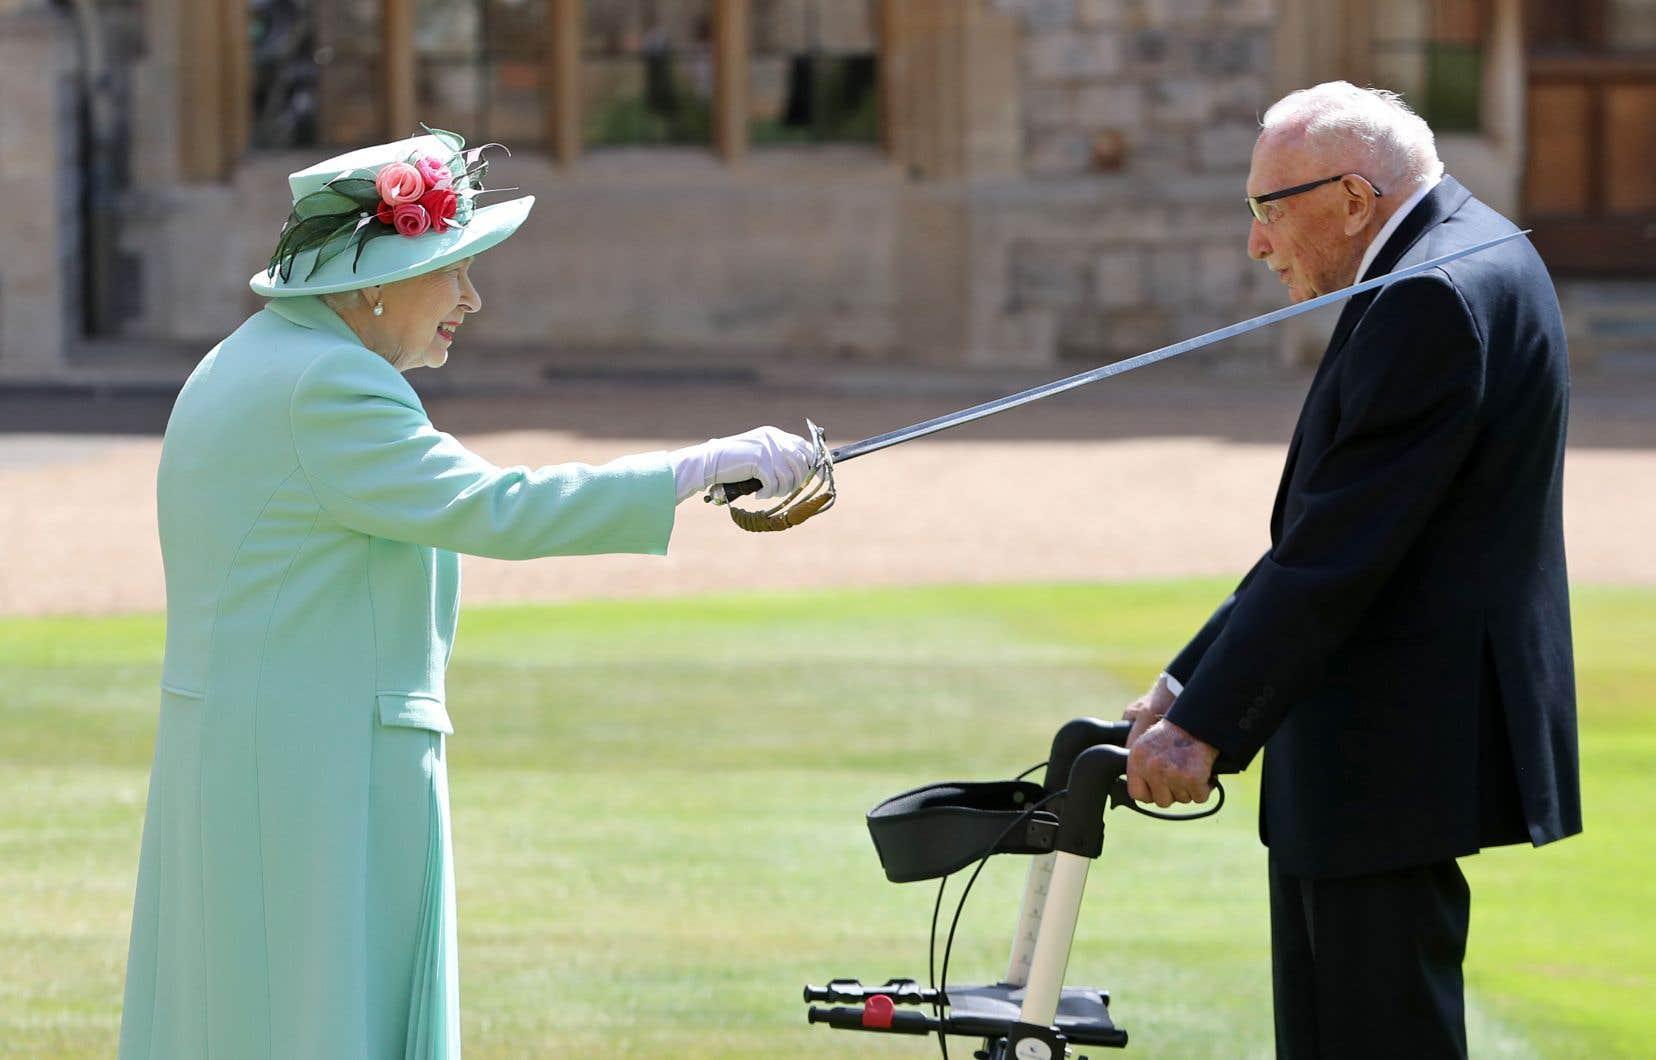 «Merci beaucoup, vous avez récolté une somme extraordinaire», a déclaré la reine en remerciant Tom Moore.